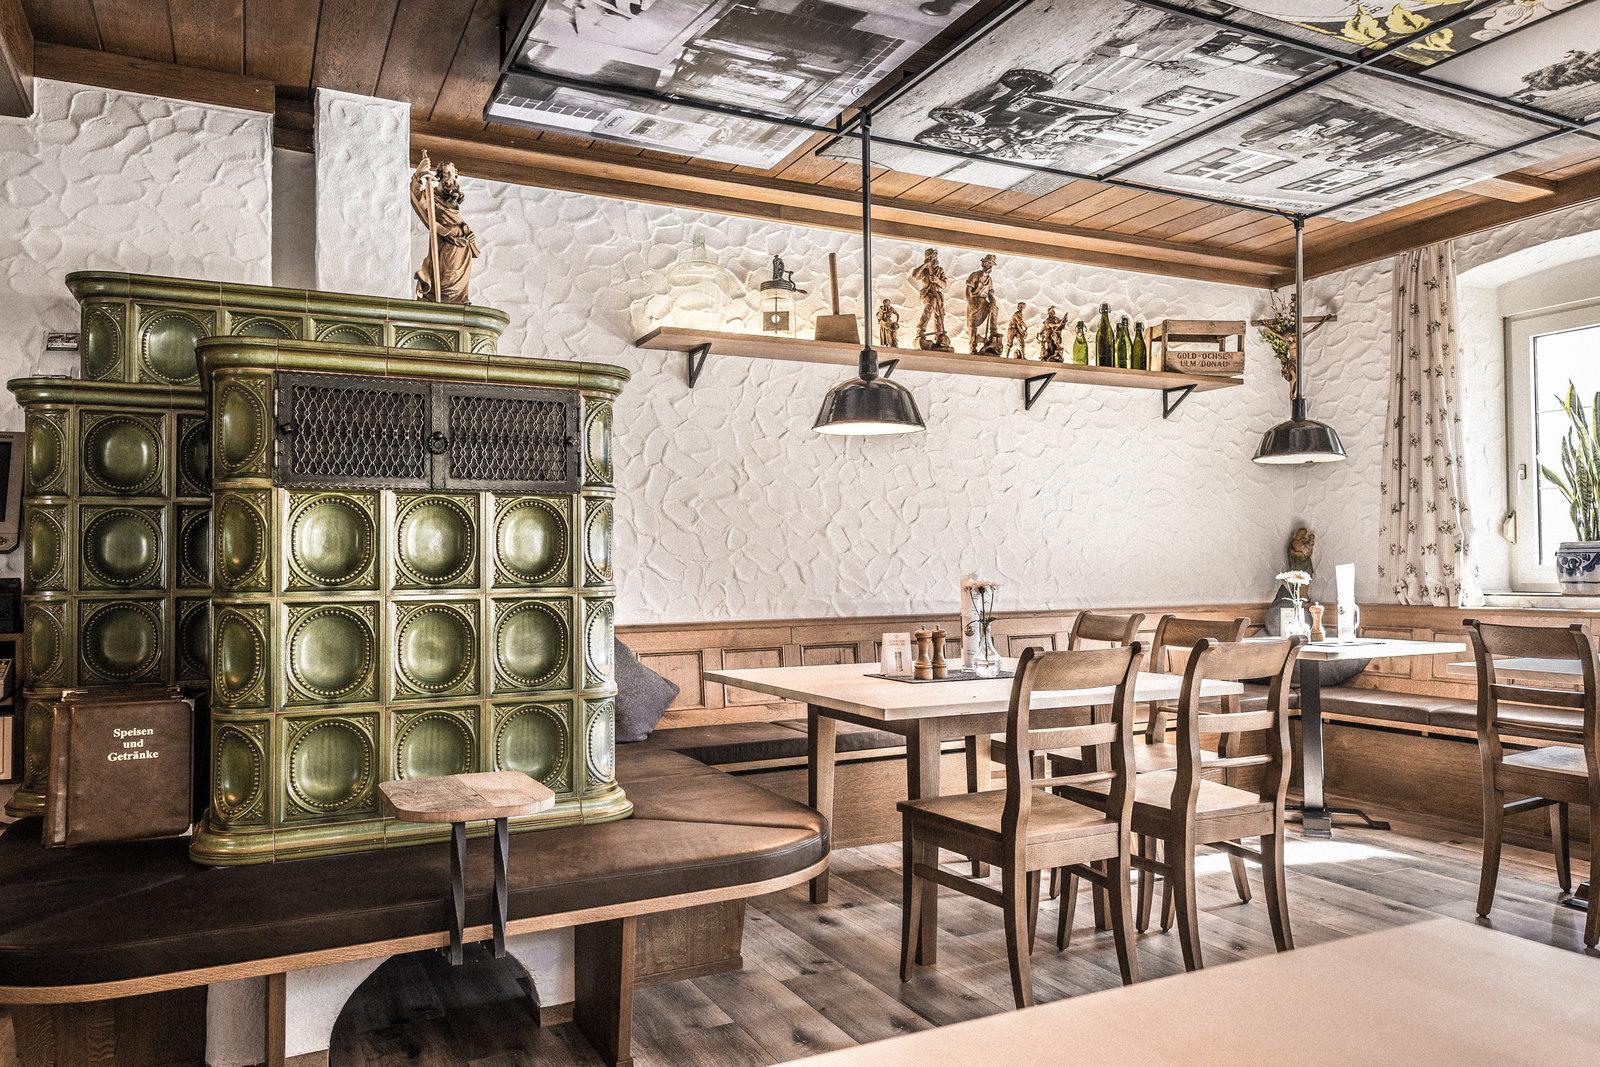 Finninger Dorfwirtshaus Gasthaus Innenraumdesign